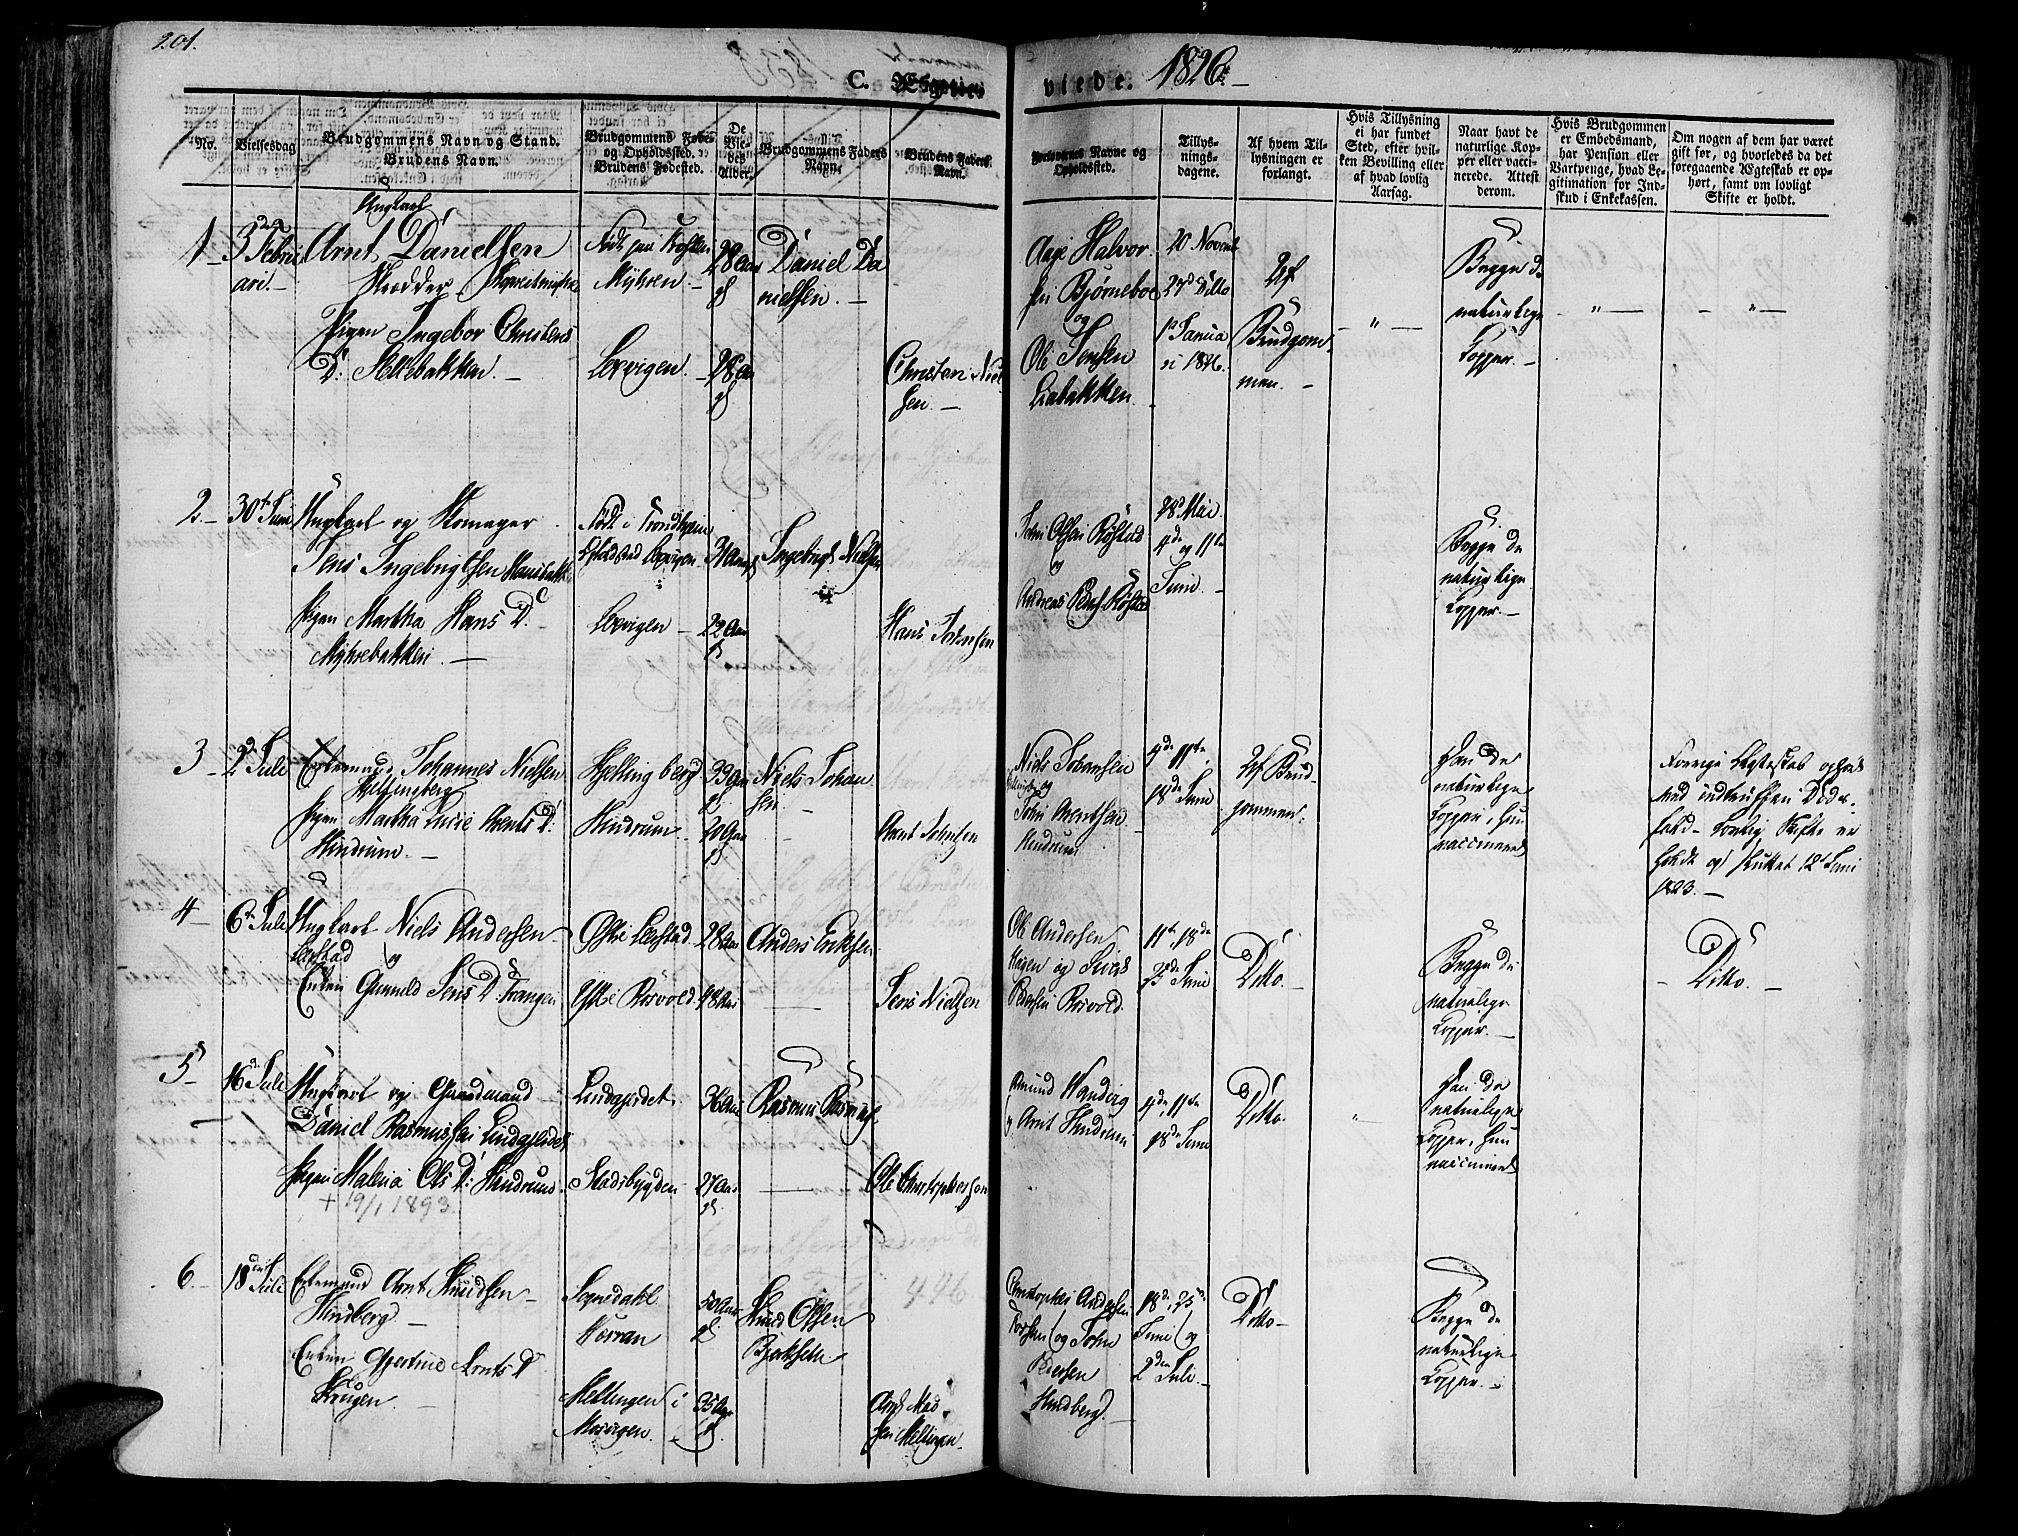 SAT, Ministerialprotokoller, klokkerbøker og fødselsregistre - Nord-Trøndelag, 701/L0006: Ministerialbok nr. 701A06, 1825-1841, s. 201